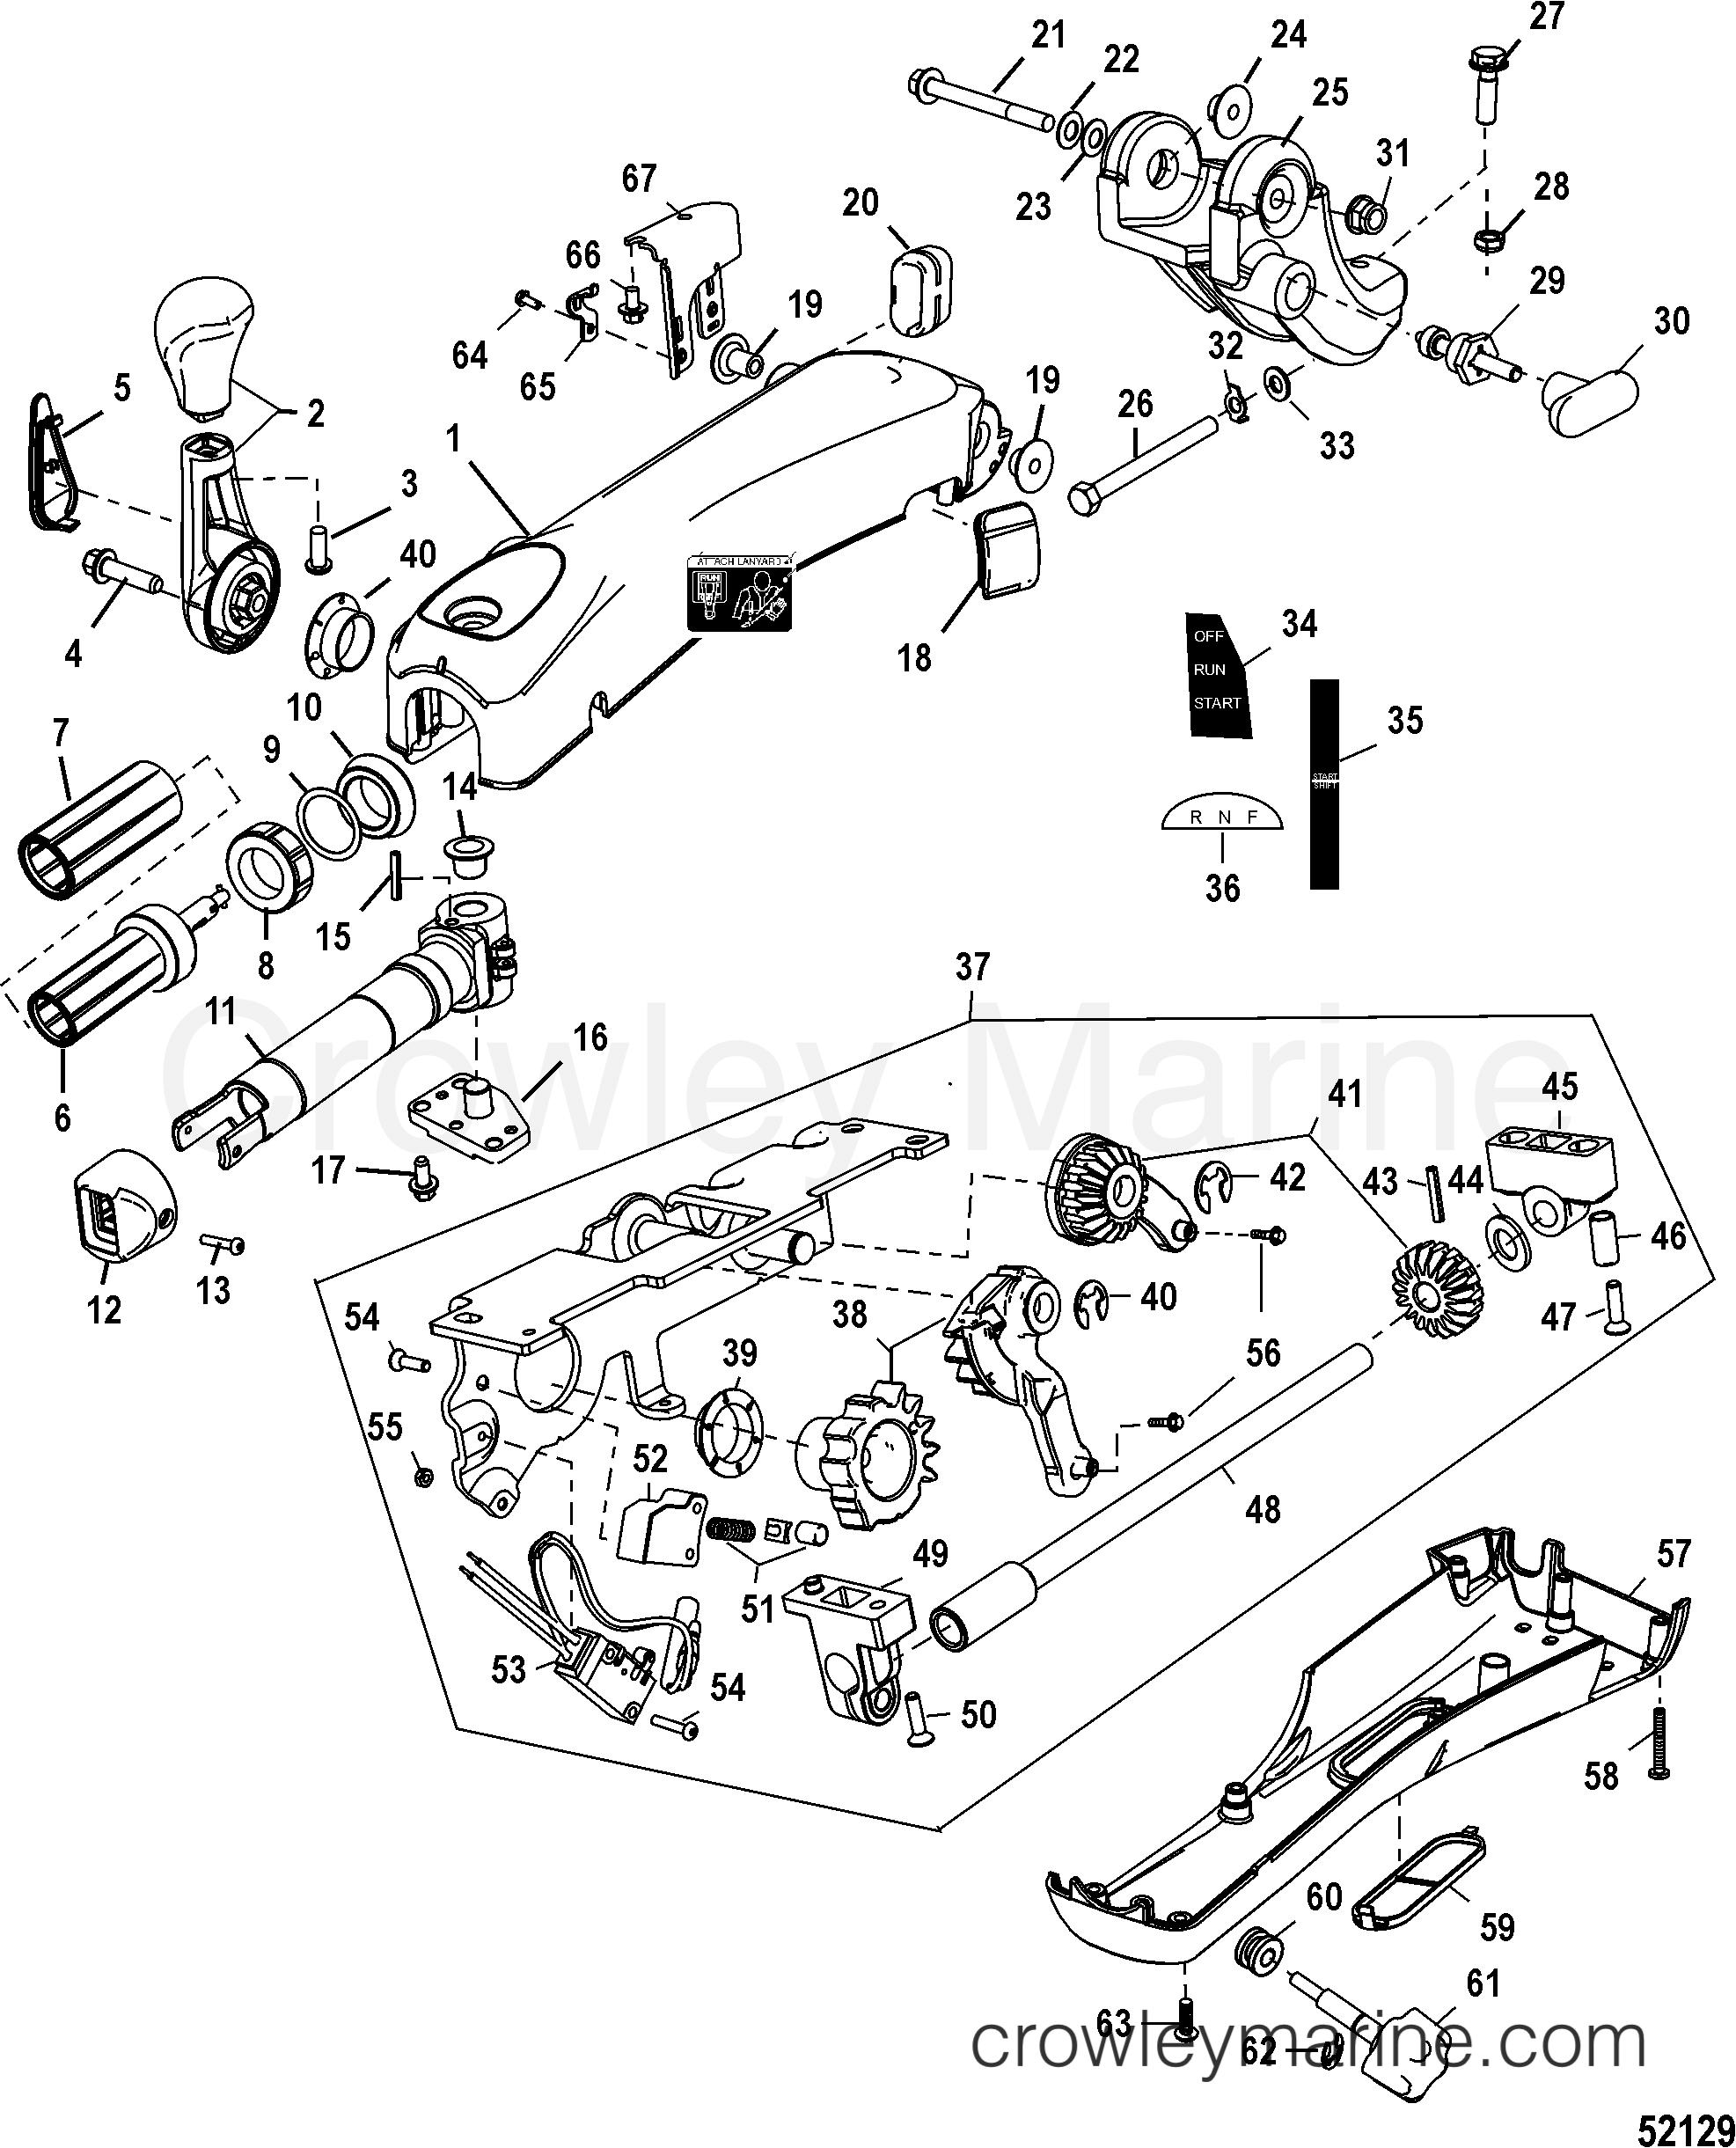 tiller handle kit big tiller-manual  mechanical  design ii